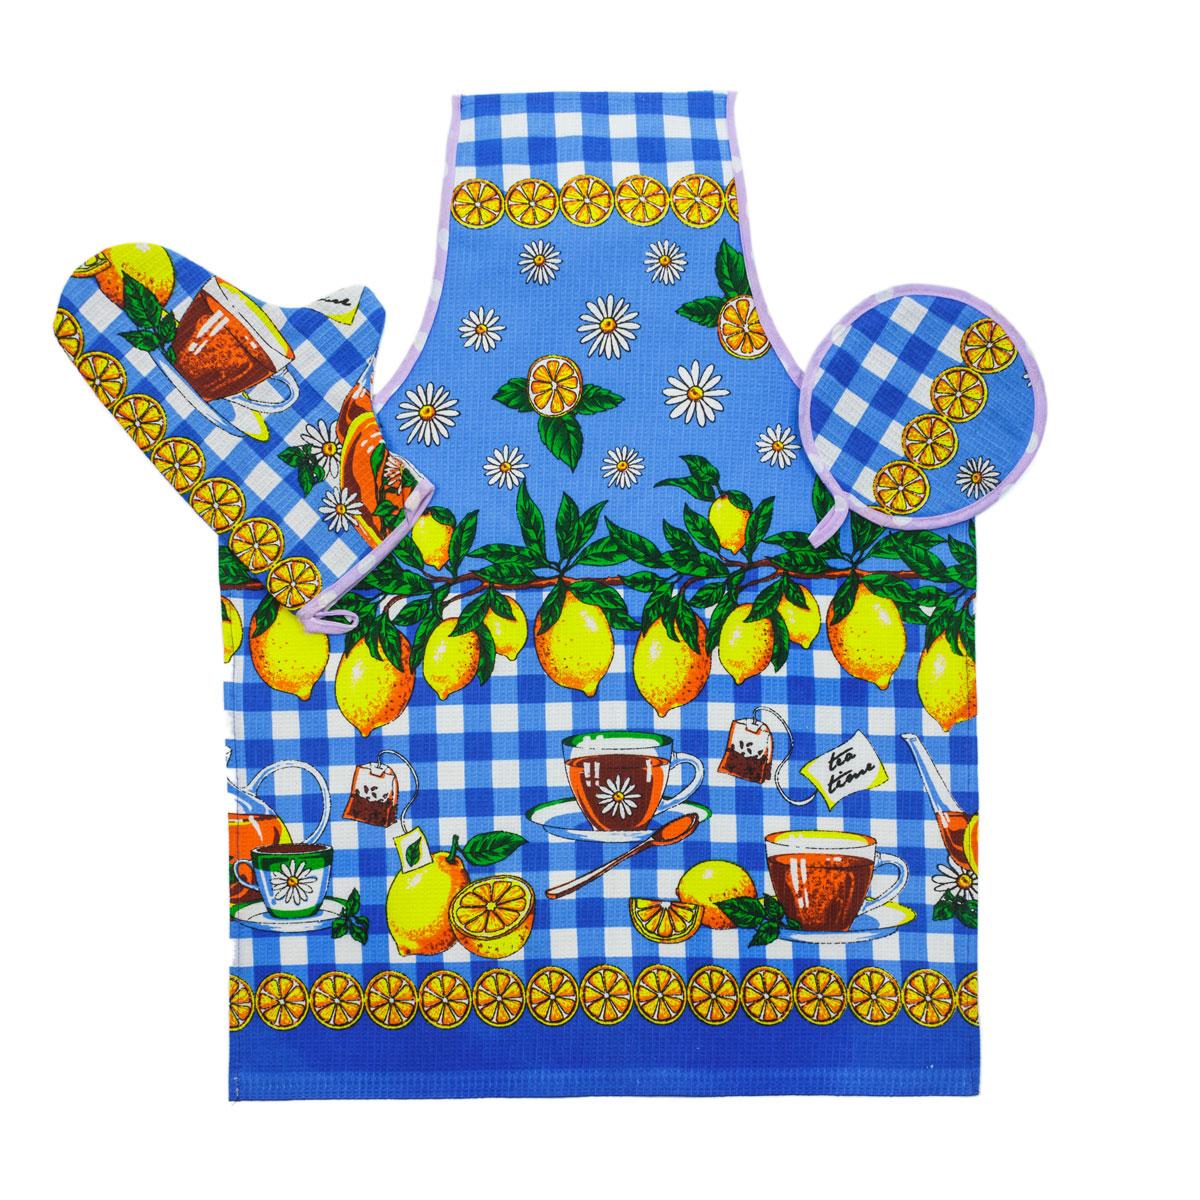 Кухонные принадлежности арт. 04-0040Кухонные принадлежности<br><br><br>Тип: Кухонные принадлежности<br>Размер: -<br>Материал: Вафельное полотно